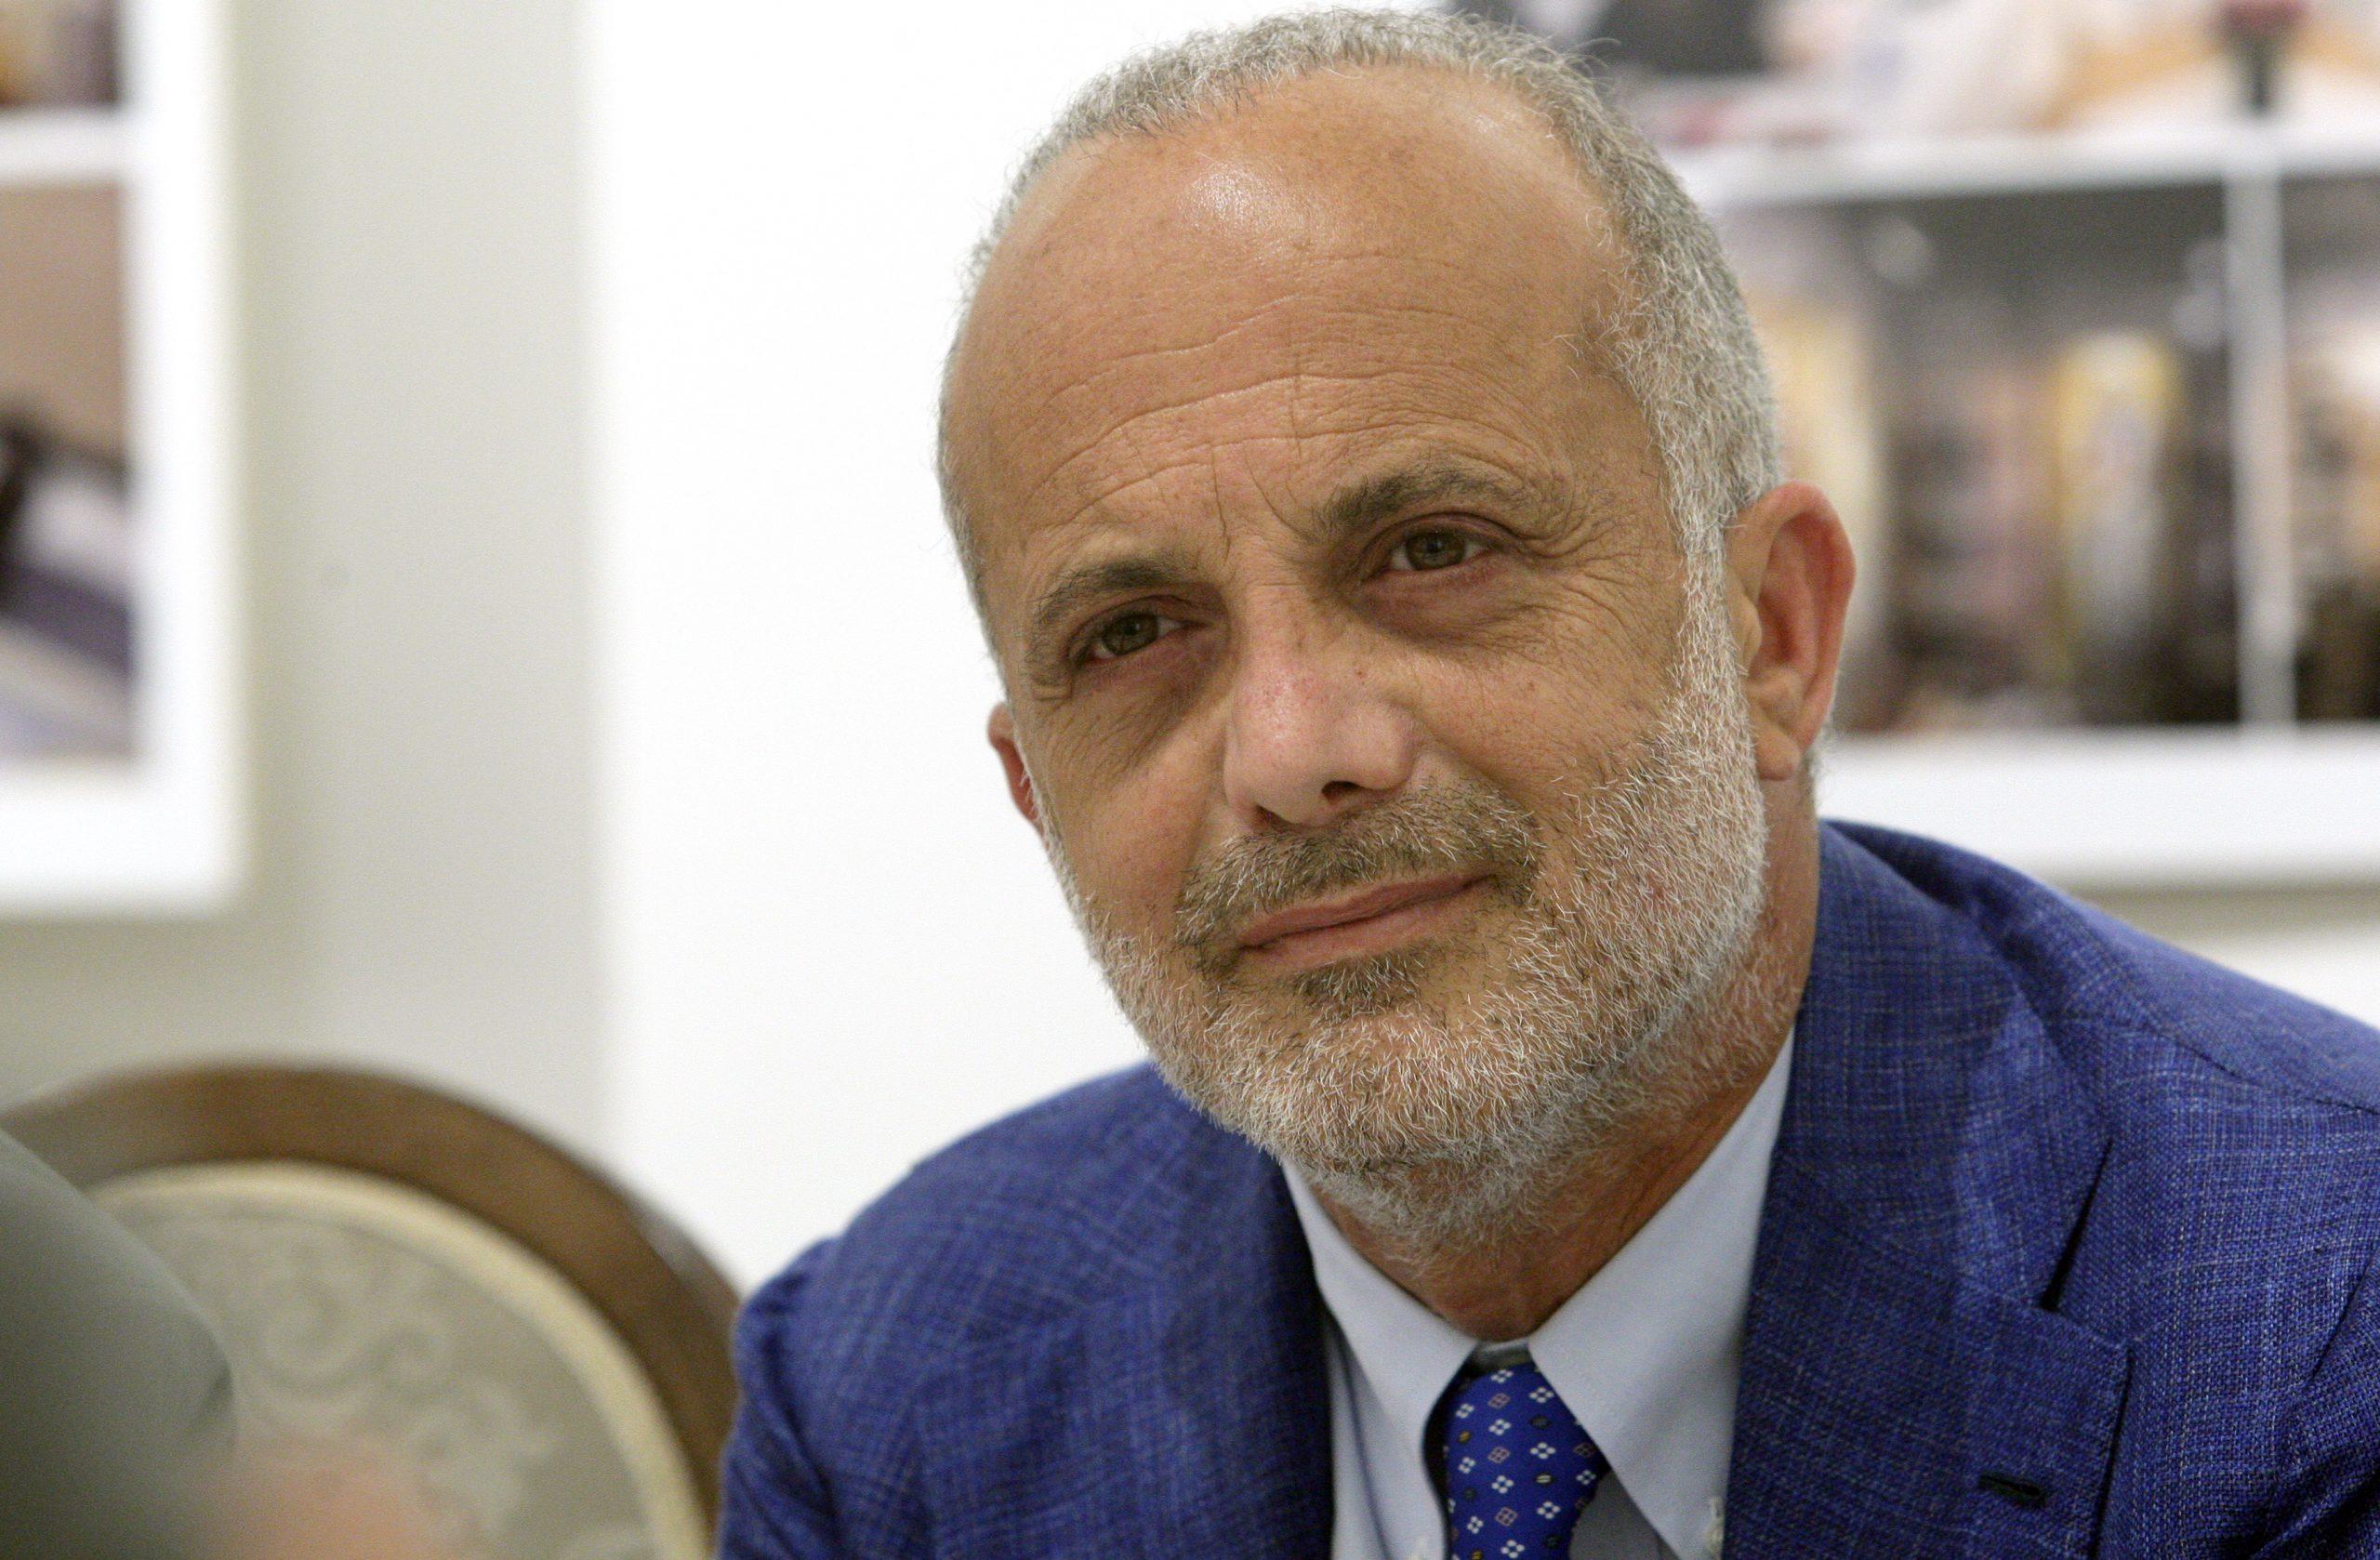 Angelo Fiore Tartalja